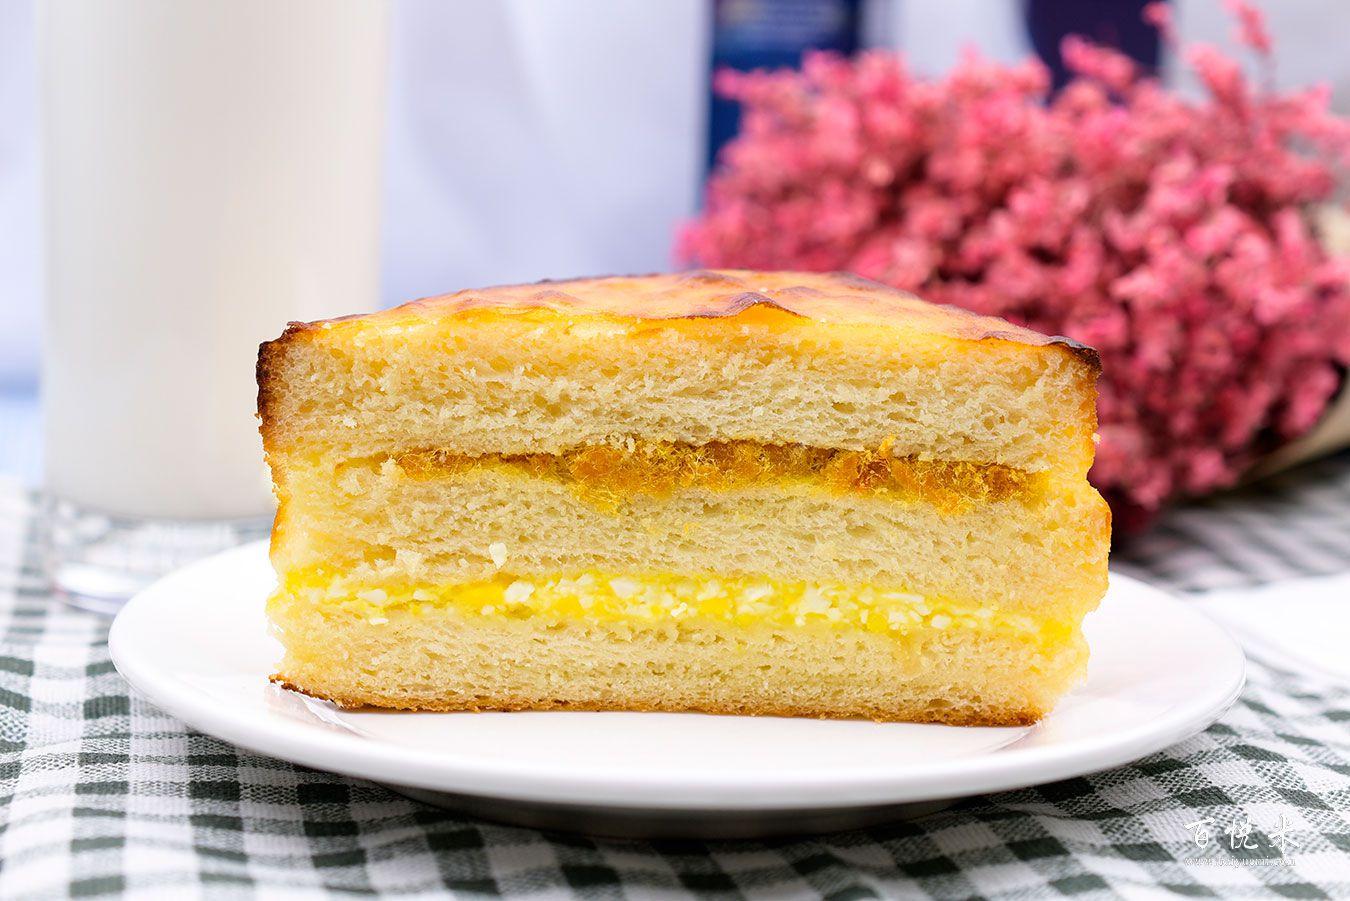 炭烧乳酪高清图片大全【蛋糕图片】_633